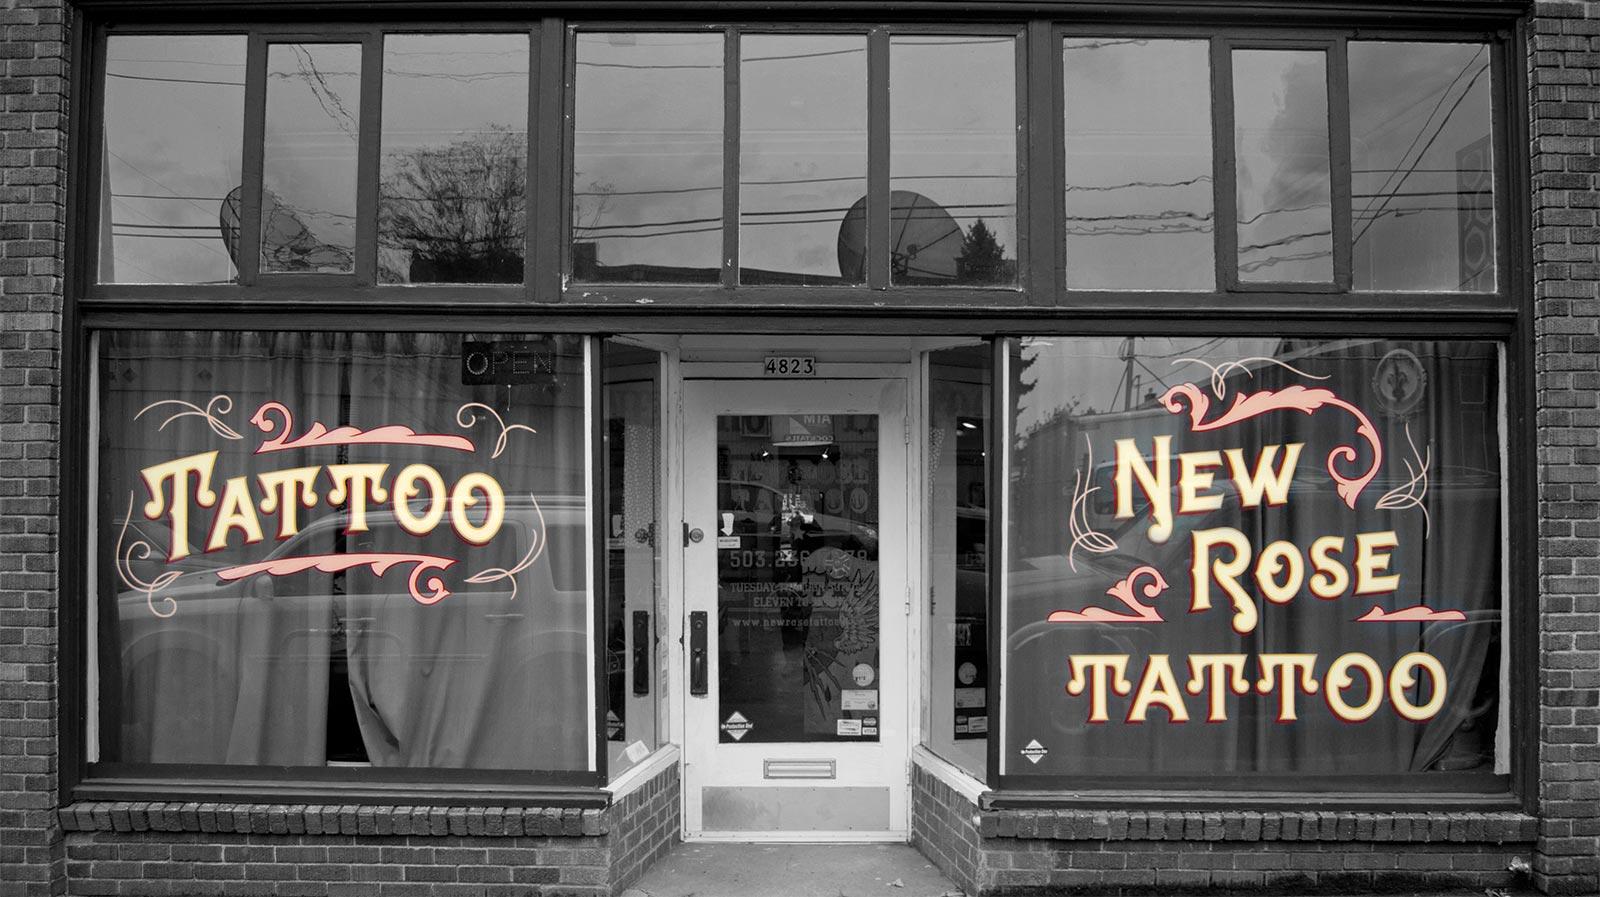 c46bb4051b66a Portland Tattoo Parlor - New Rose Tattoo